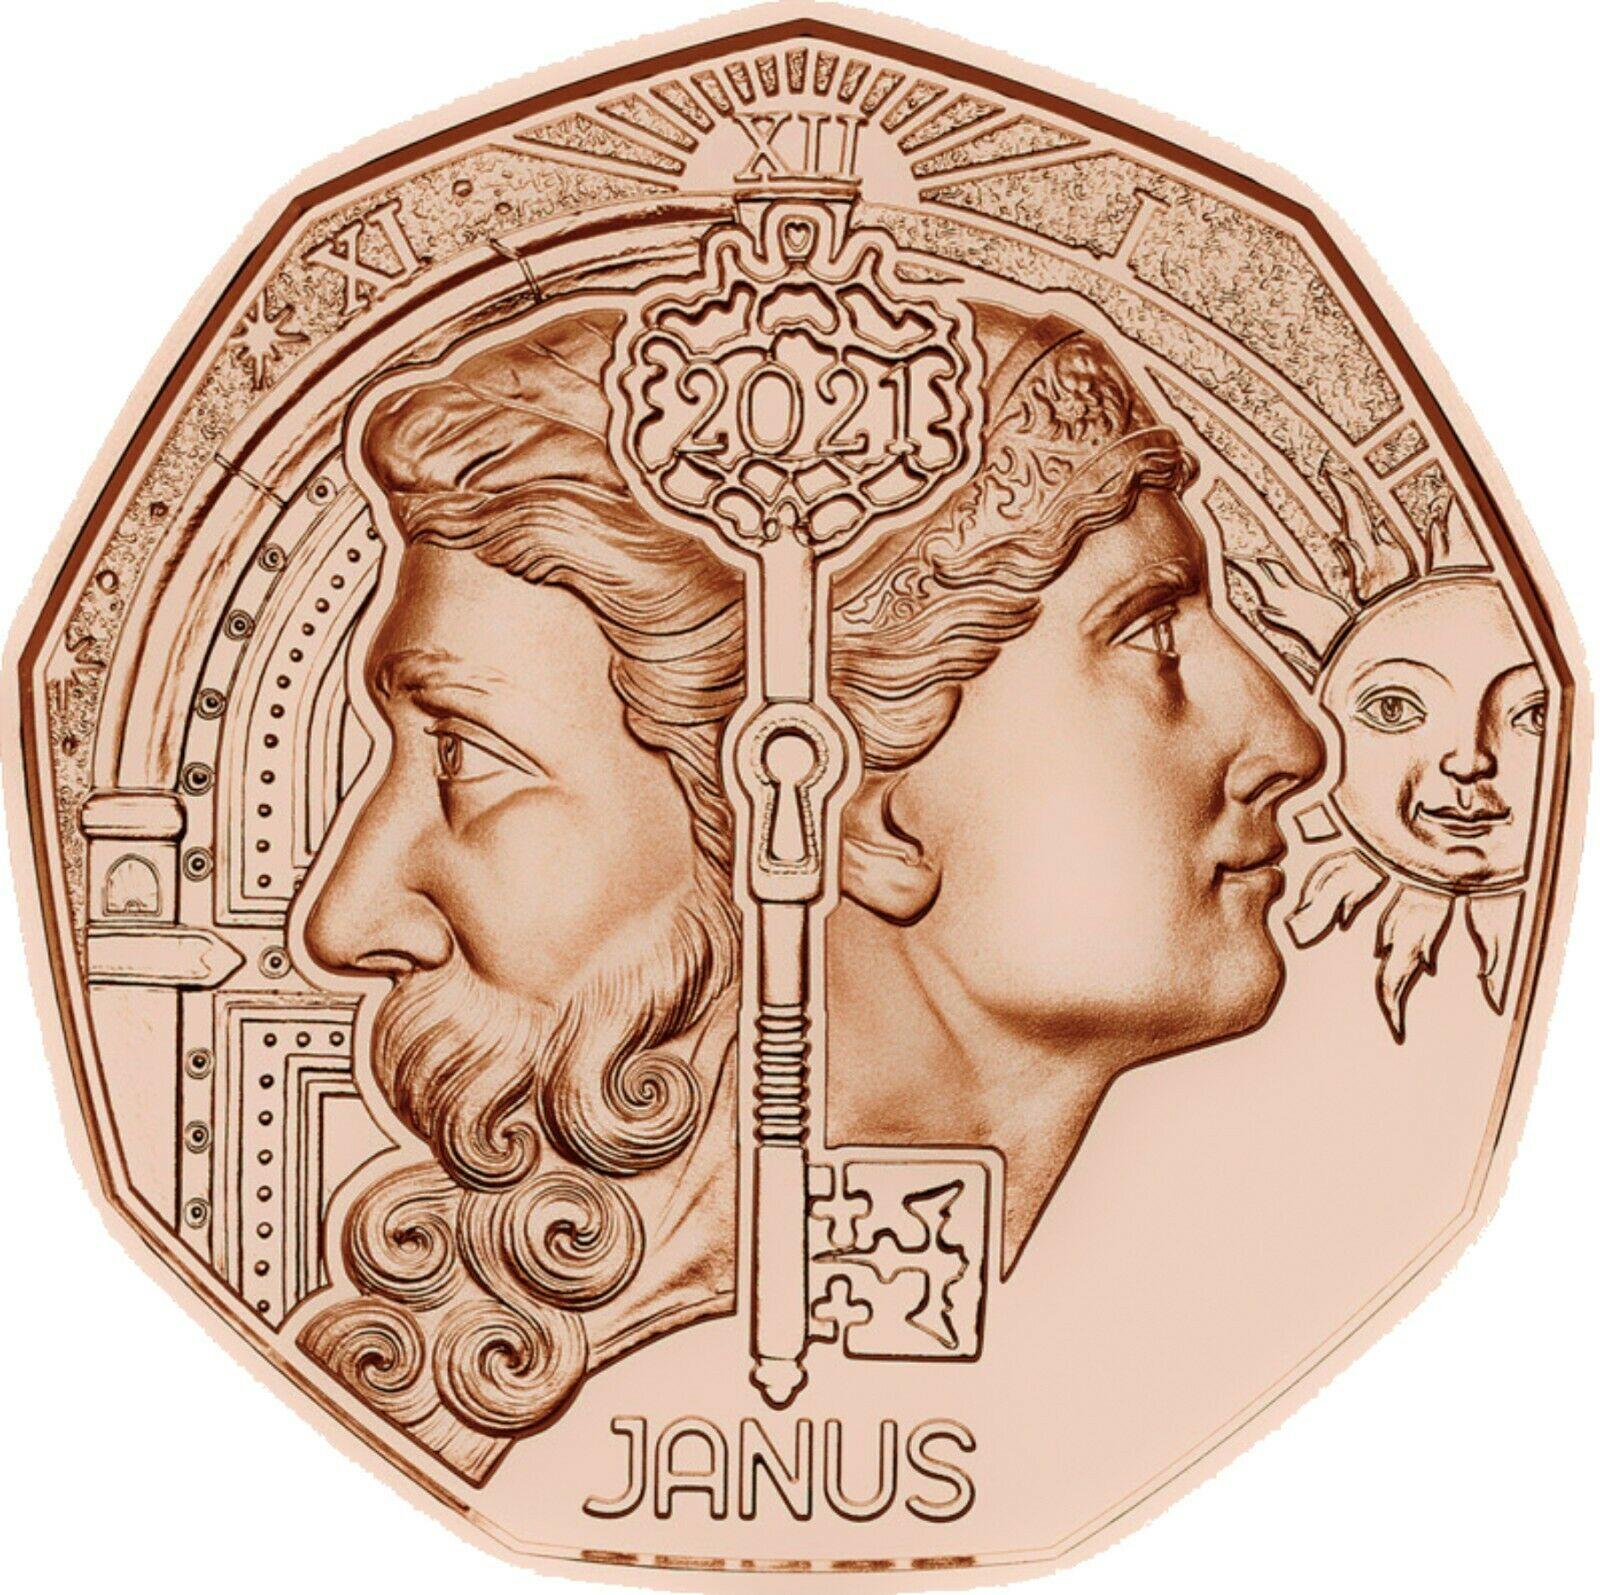 Австрия 5 евро 2021 г. Двуликий Янус